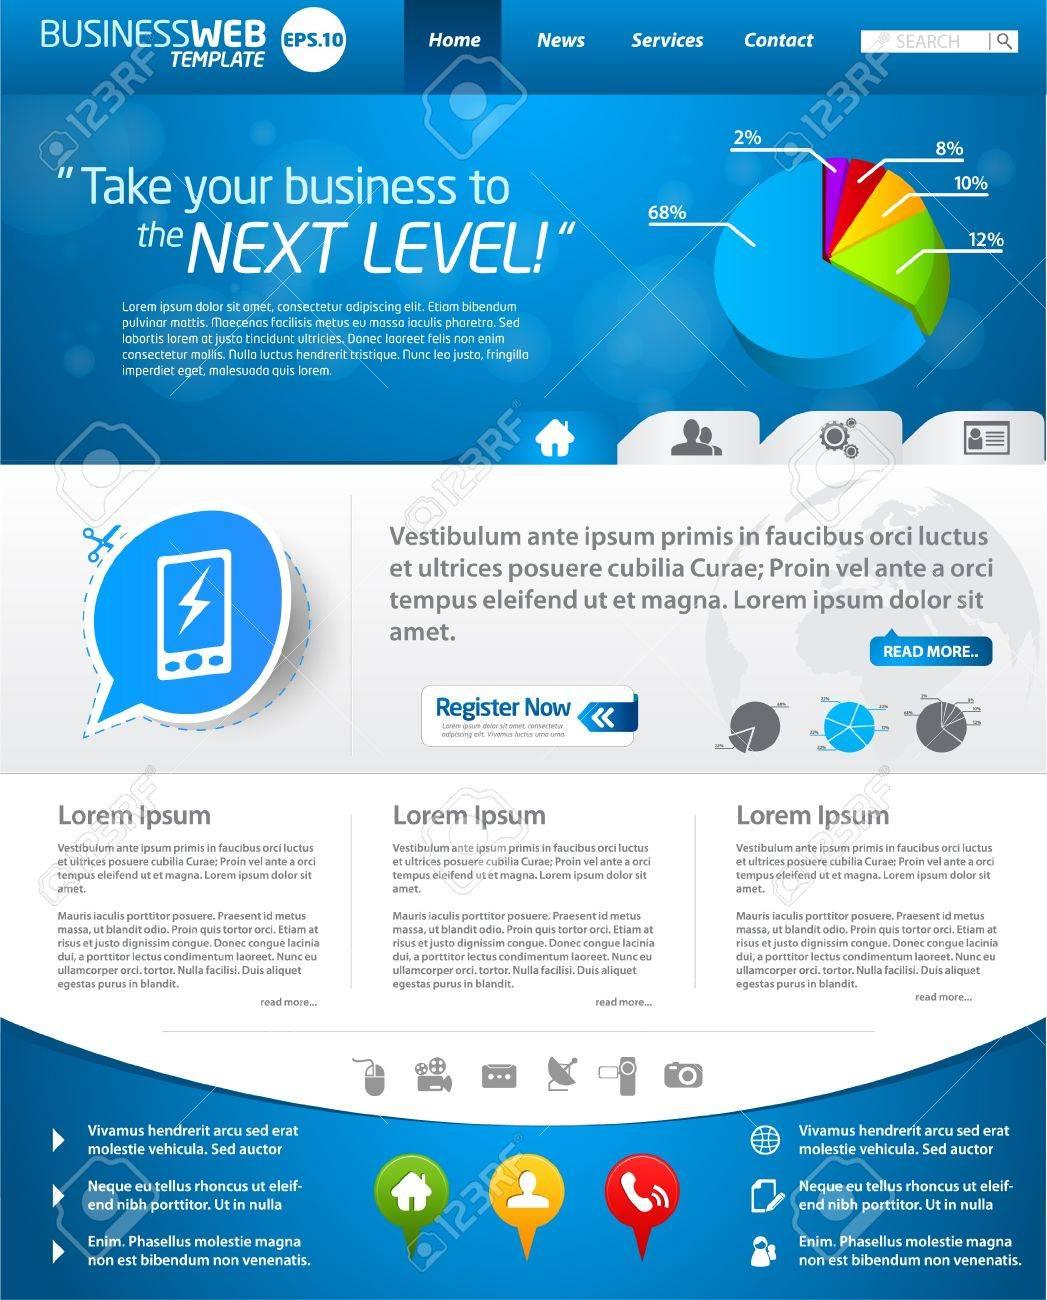 52c5bc4a6a539 Diseño De Plantilla Web De Negocios Azul Ilustraciones Vectoriales ...